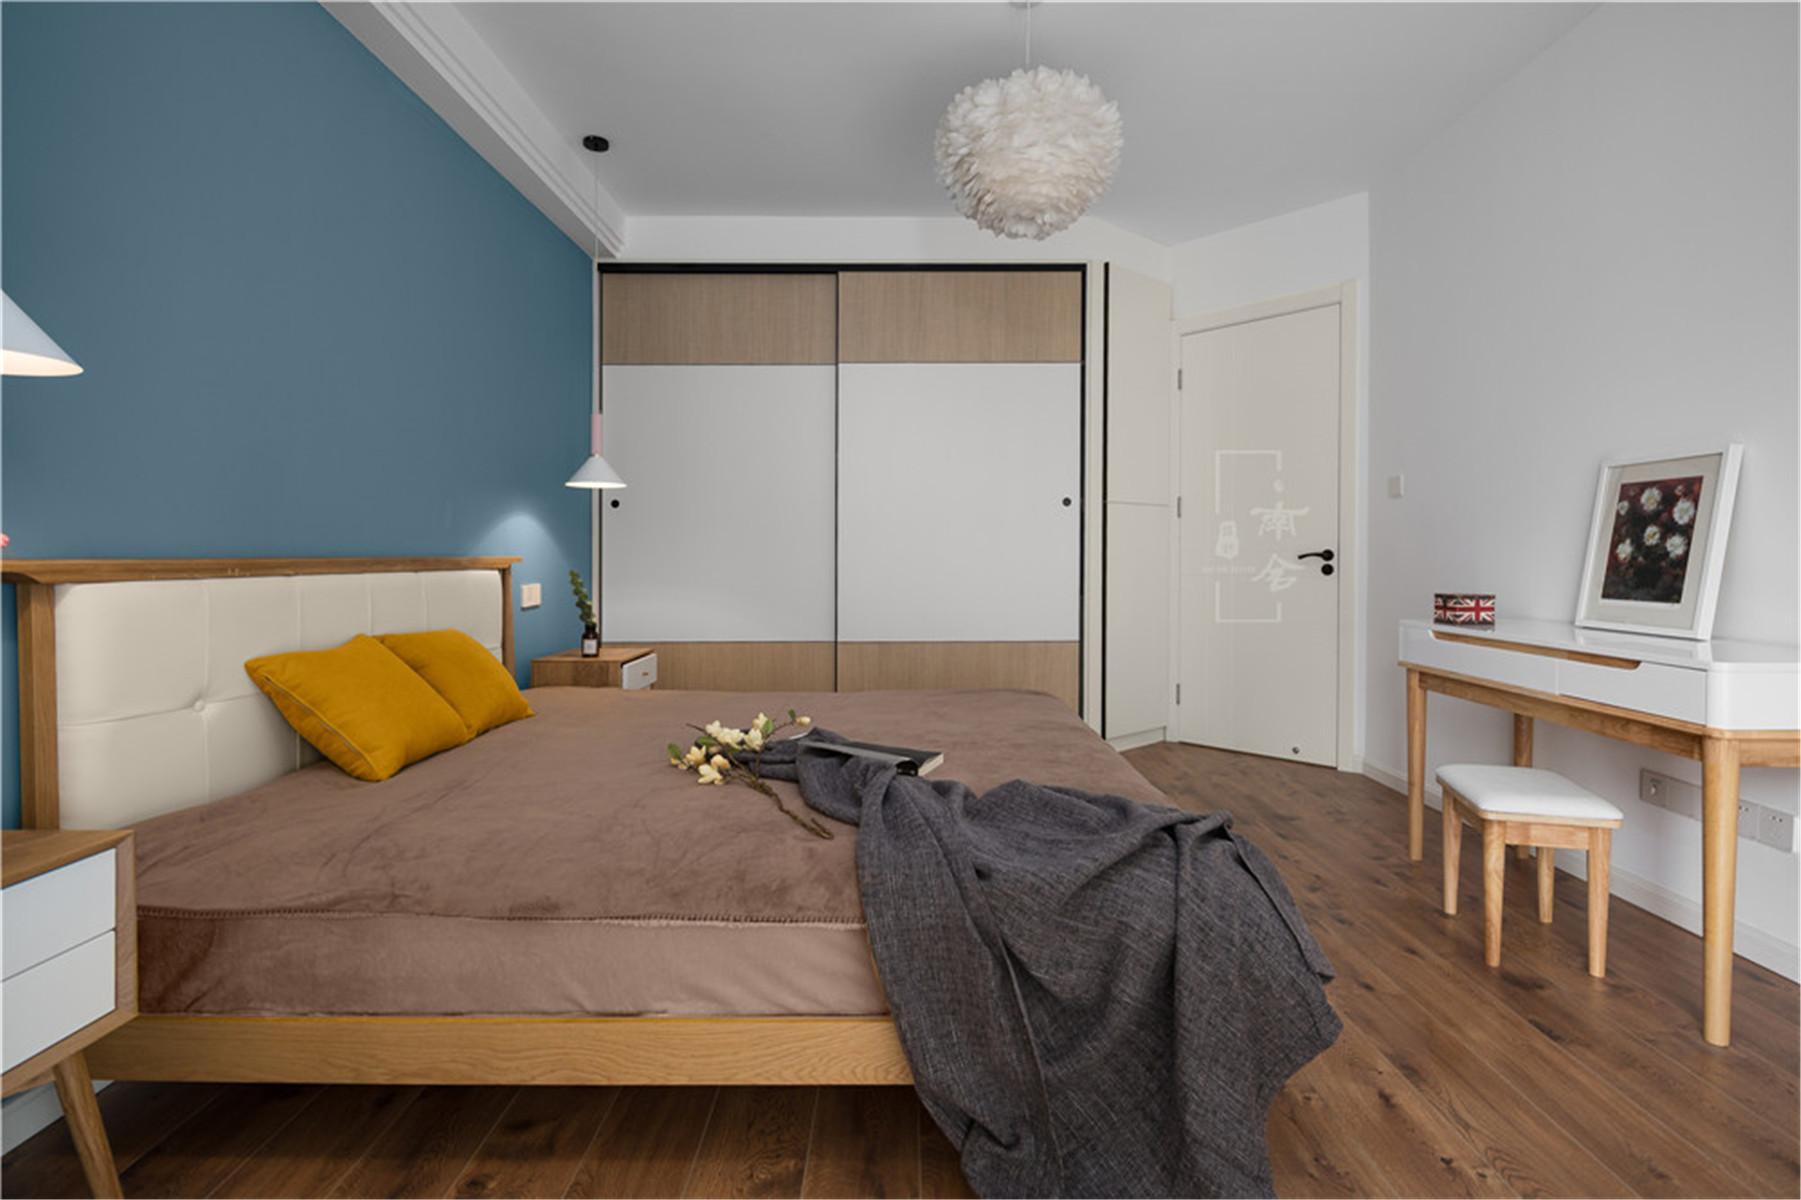 95㎡北欧风格家衣柜图片